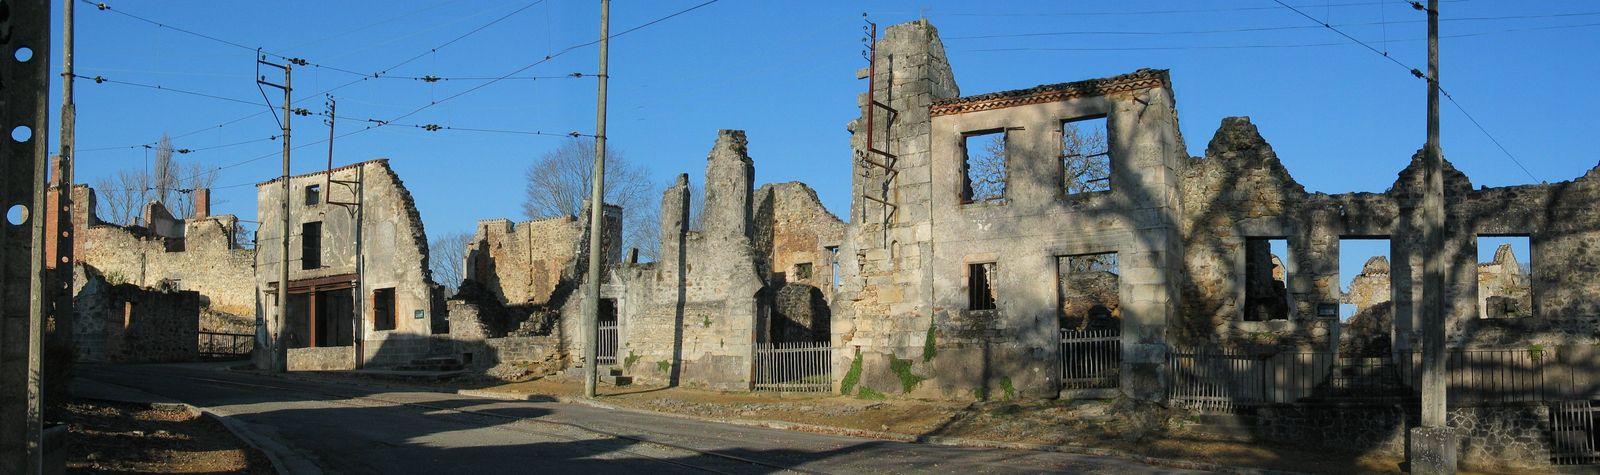 le 10 juin 1944 , 643 hommes femmes et enfants furent mitraillées ou brûlés vifs dans le village martyr d'Oradour s/Glane (87) par une division SS.